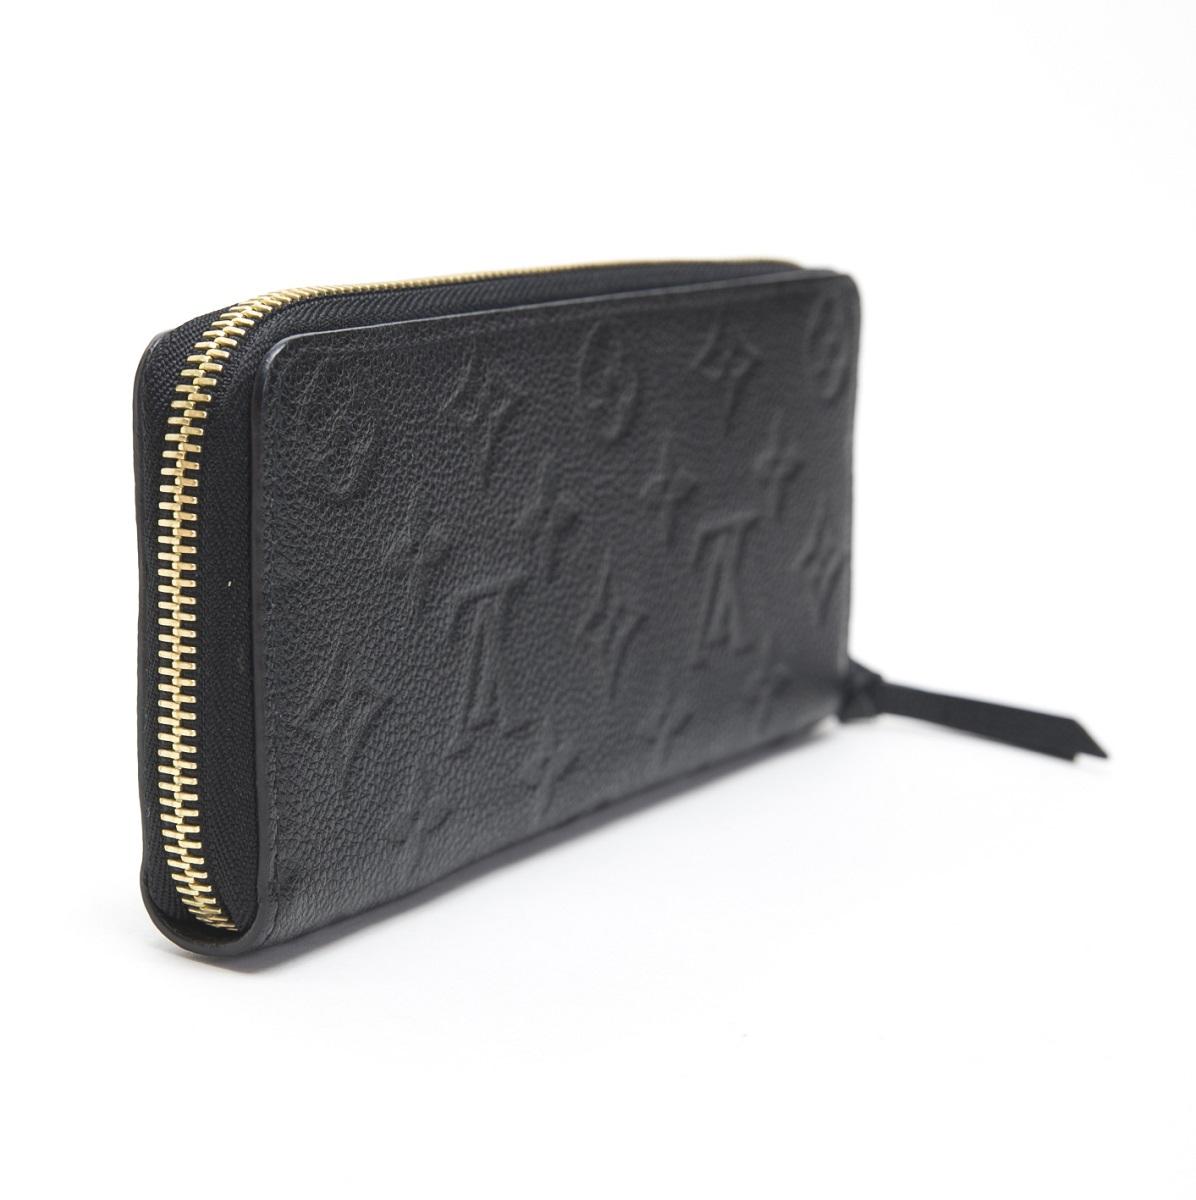 Louis Vuitton Longchamp Le Pliage Neo Small Handbag 1512578545 Red